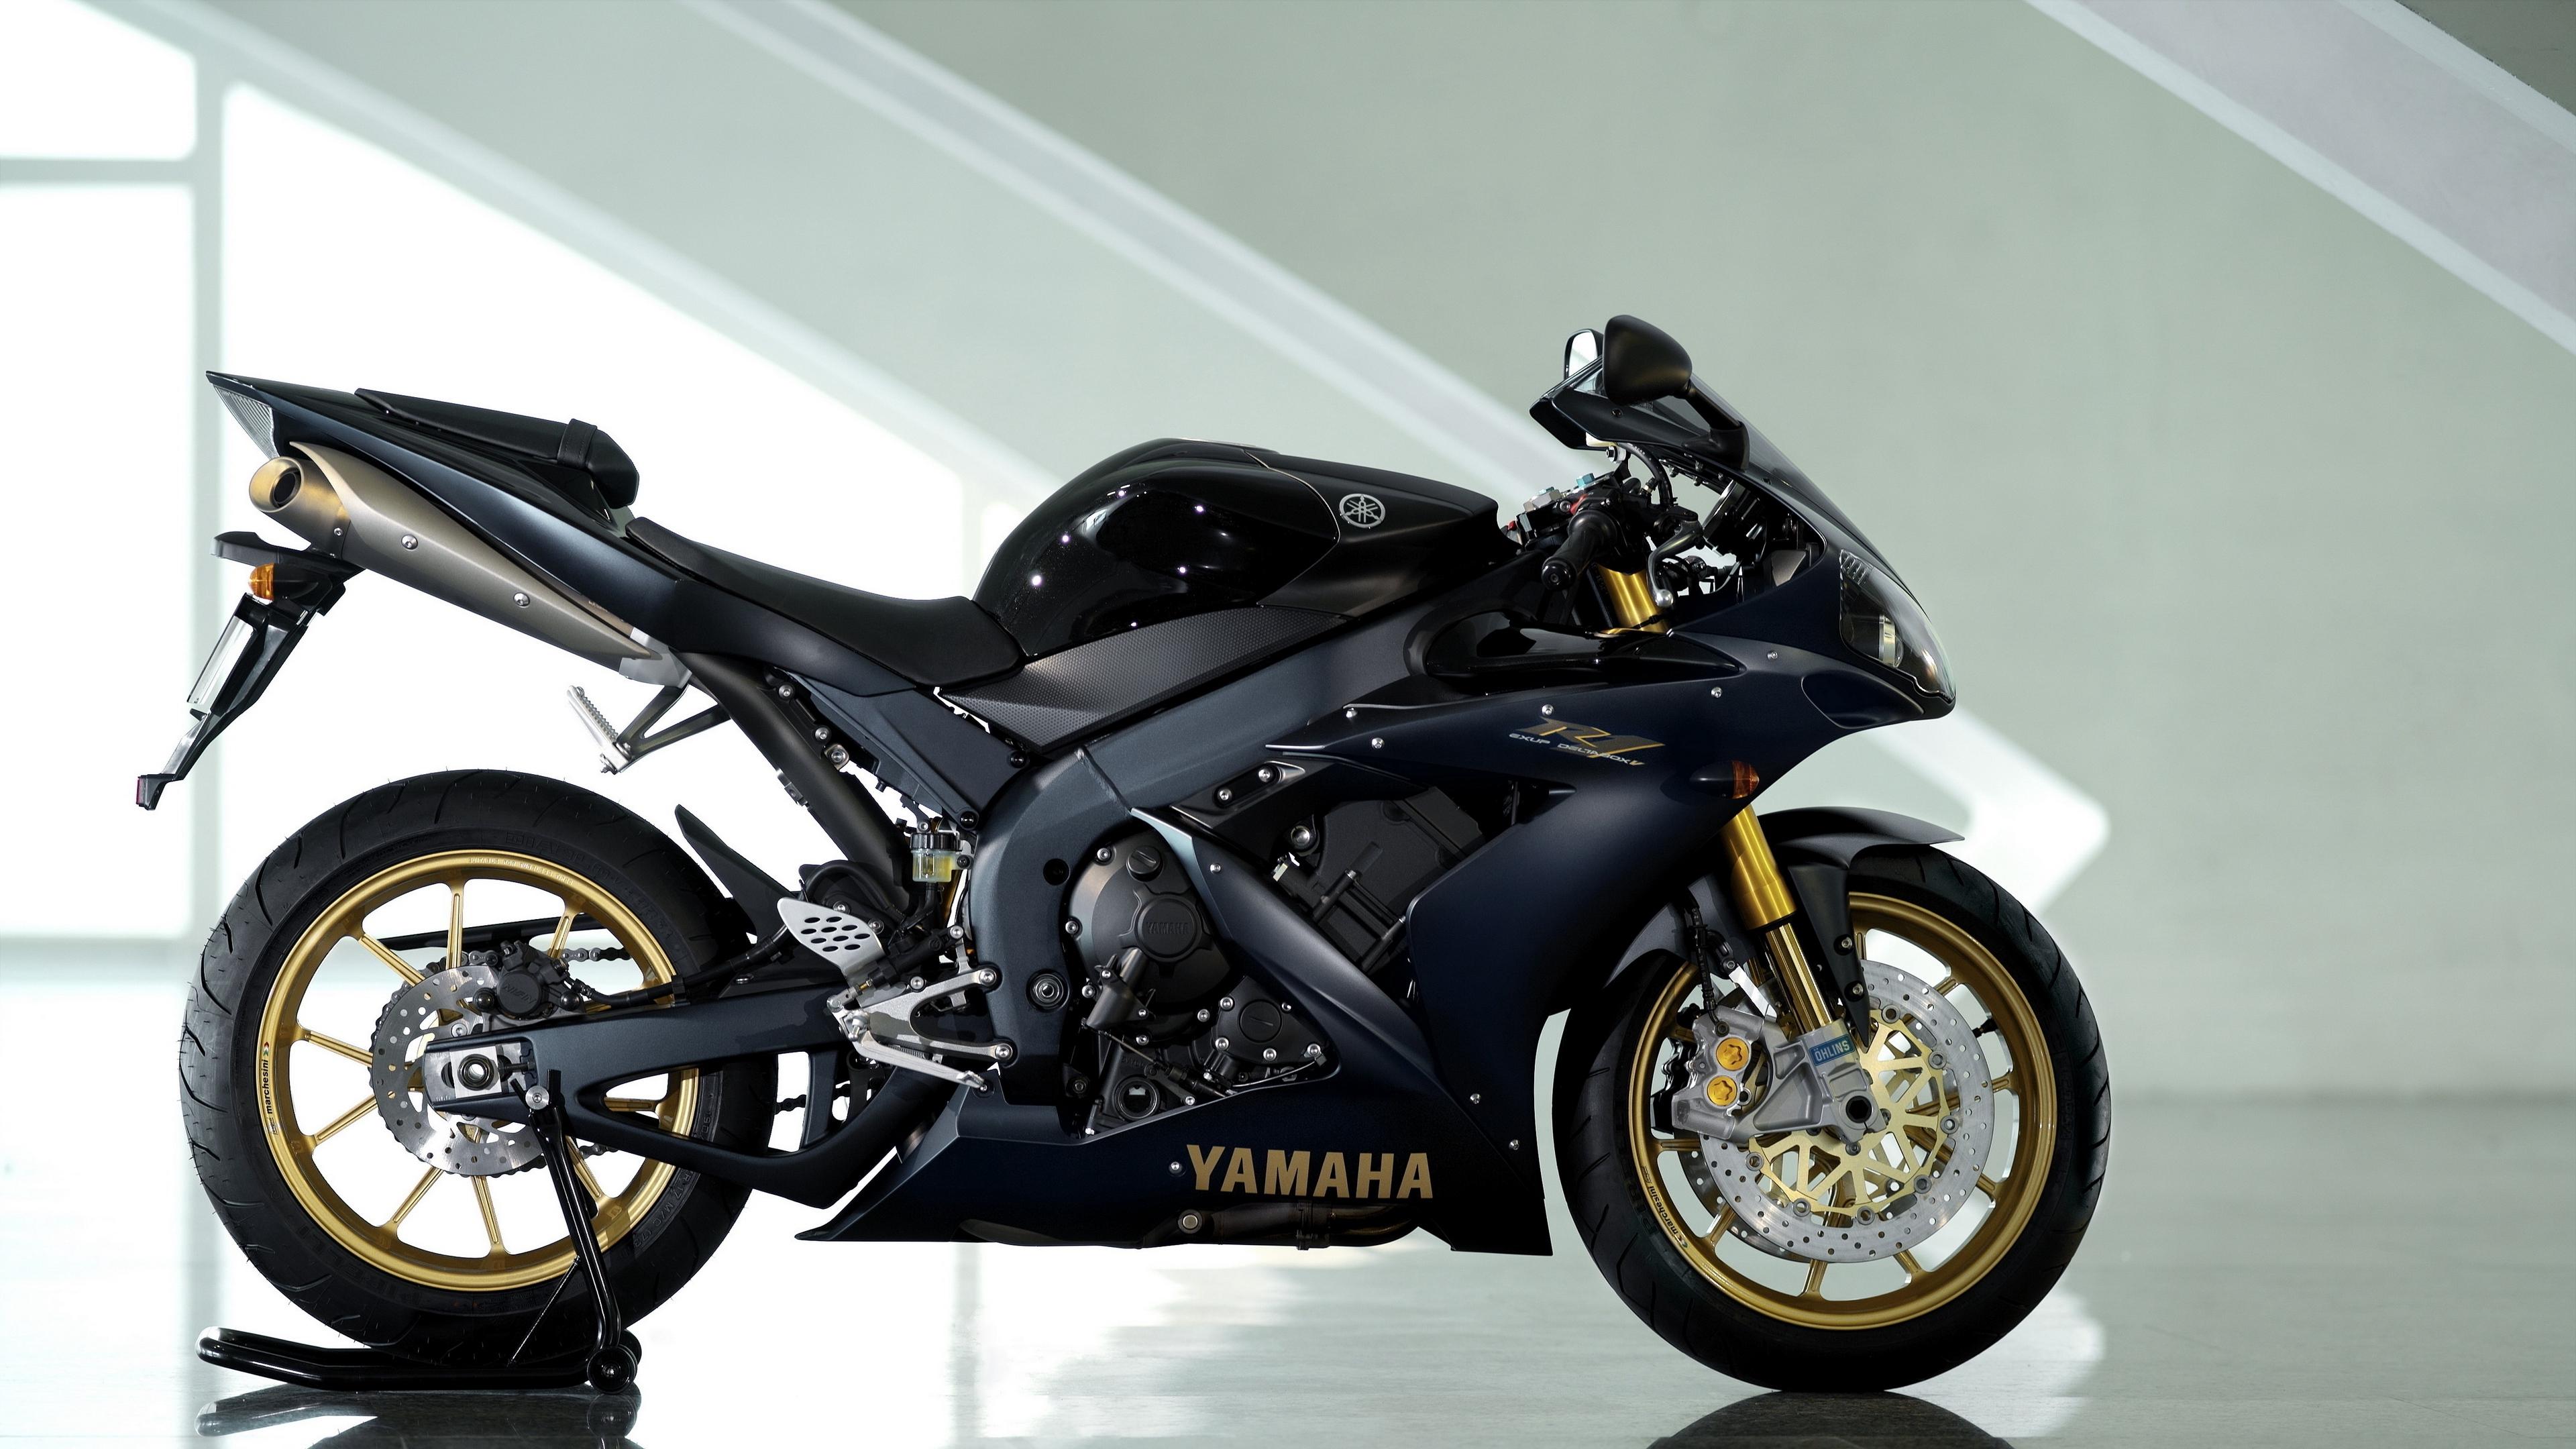 yamaha yzf r1 black yamaha motorcycle reflection 4k 1536018832 - yamaha yzf-r1, black, yamaha, motorcycle, reflection 4k - yamaha yzf-r1, Yamaha, Black